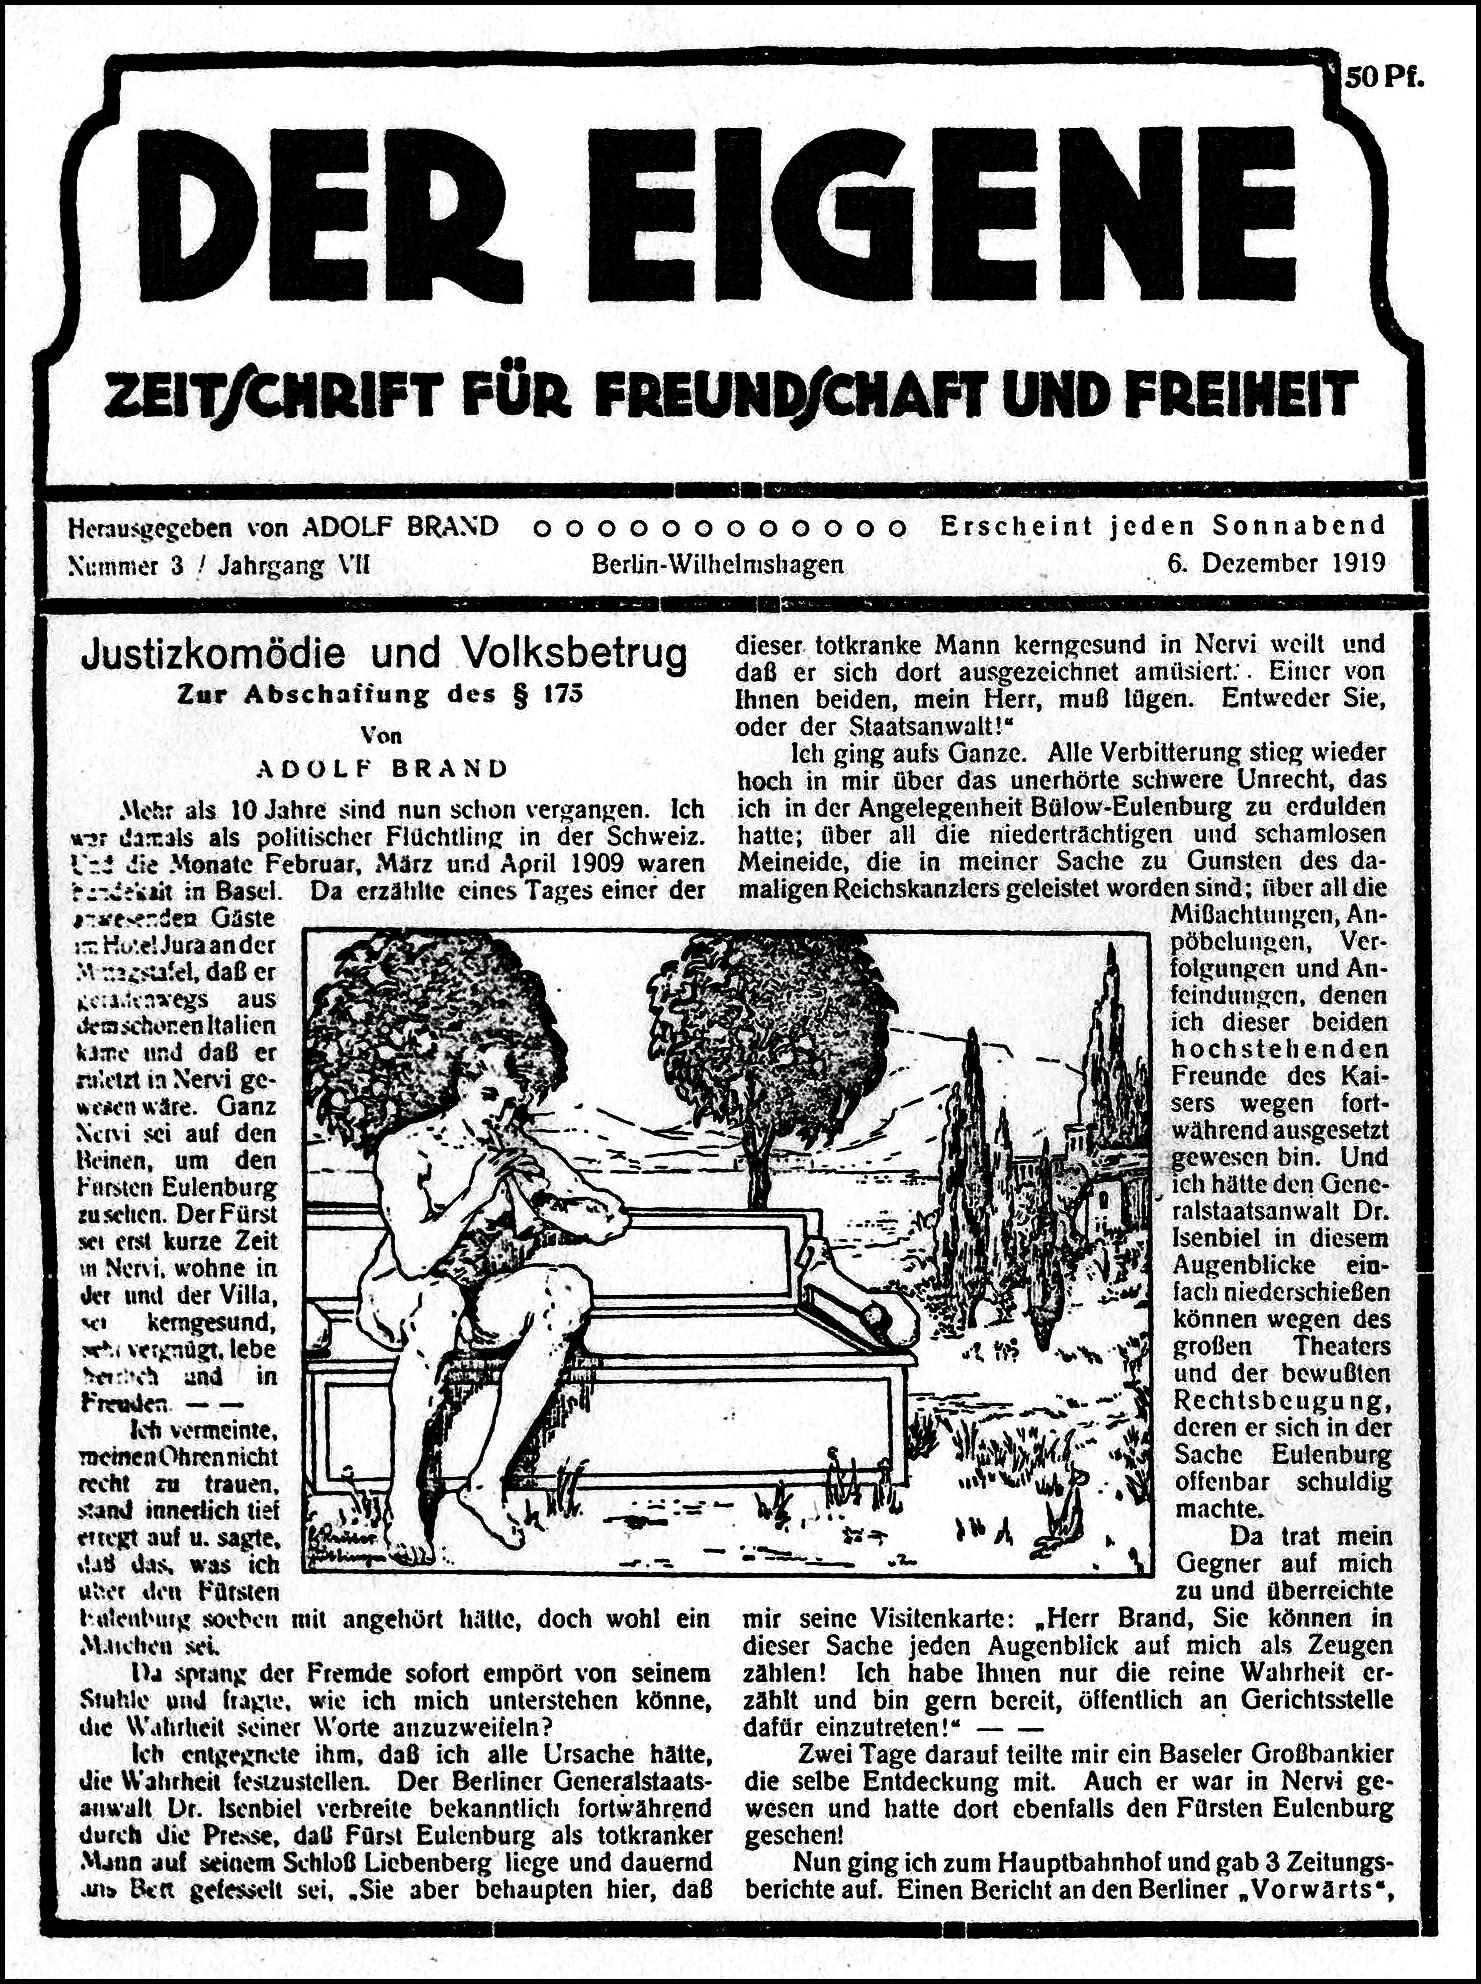 file:der eigene 1919 vol 7 - wikimedia commons